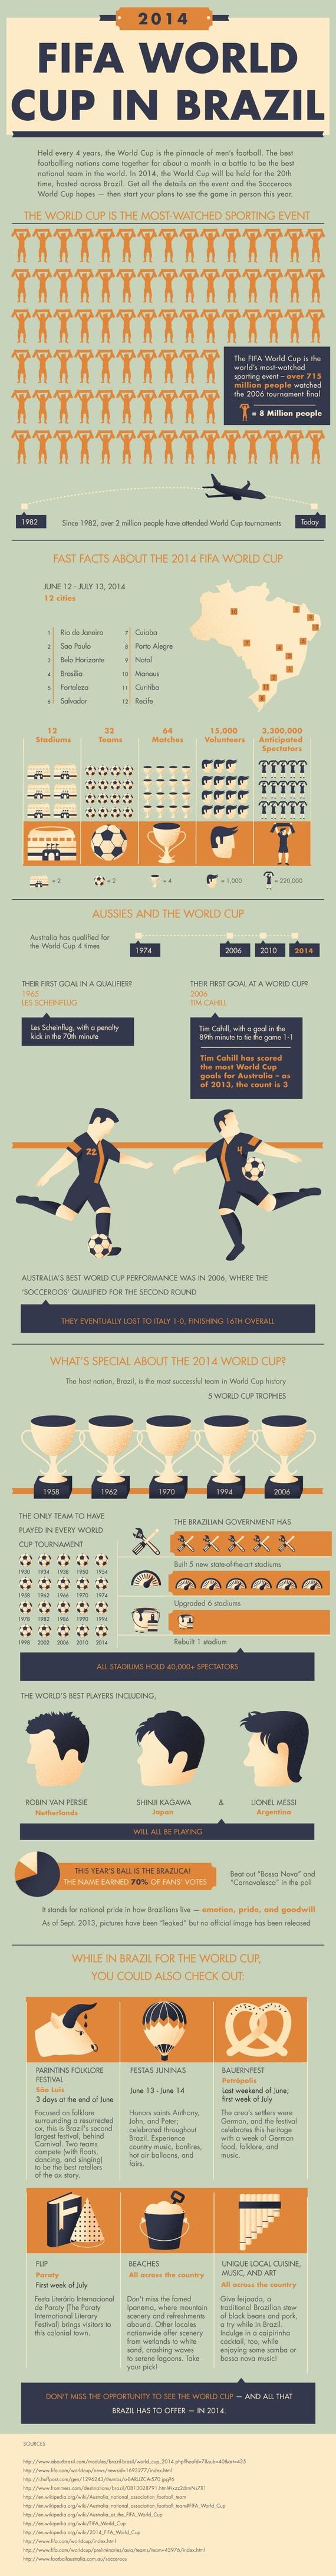 2013-11-21-fifaworldcupbrazilinfographic1.jpg